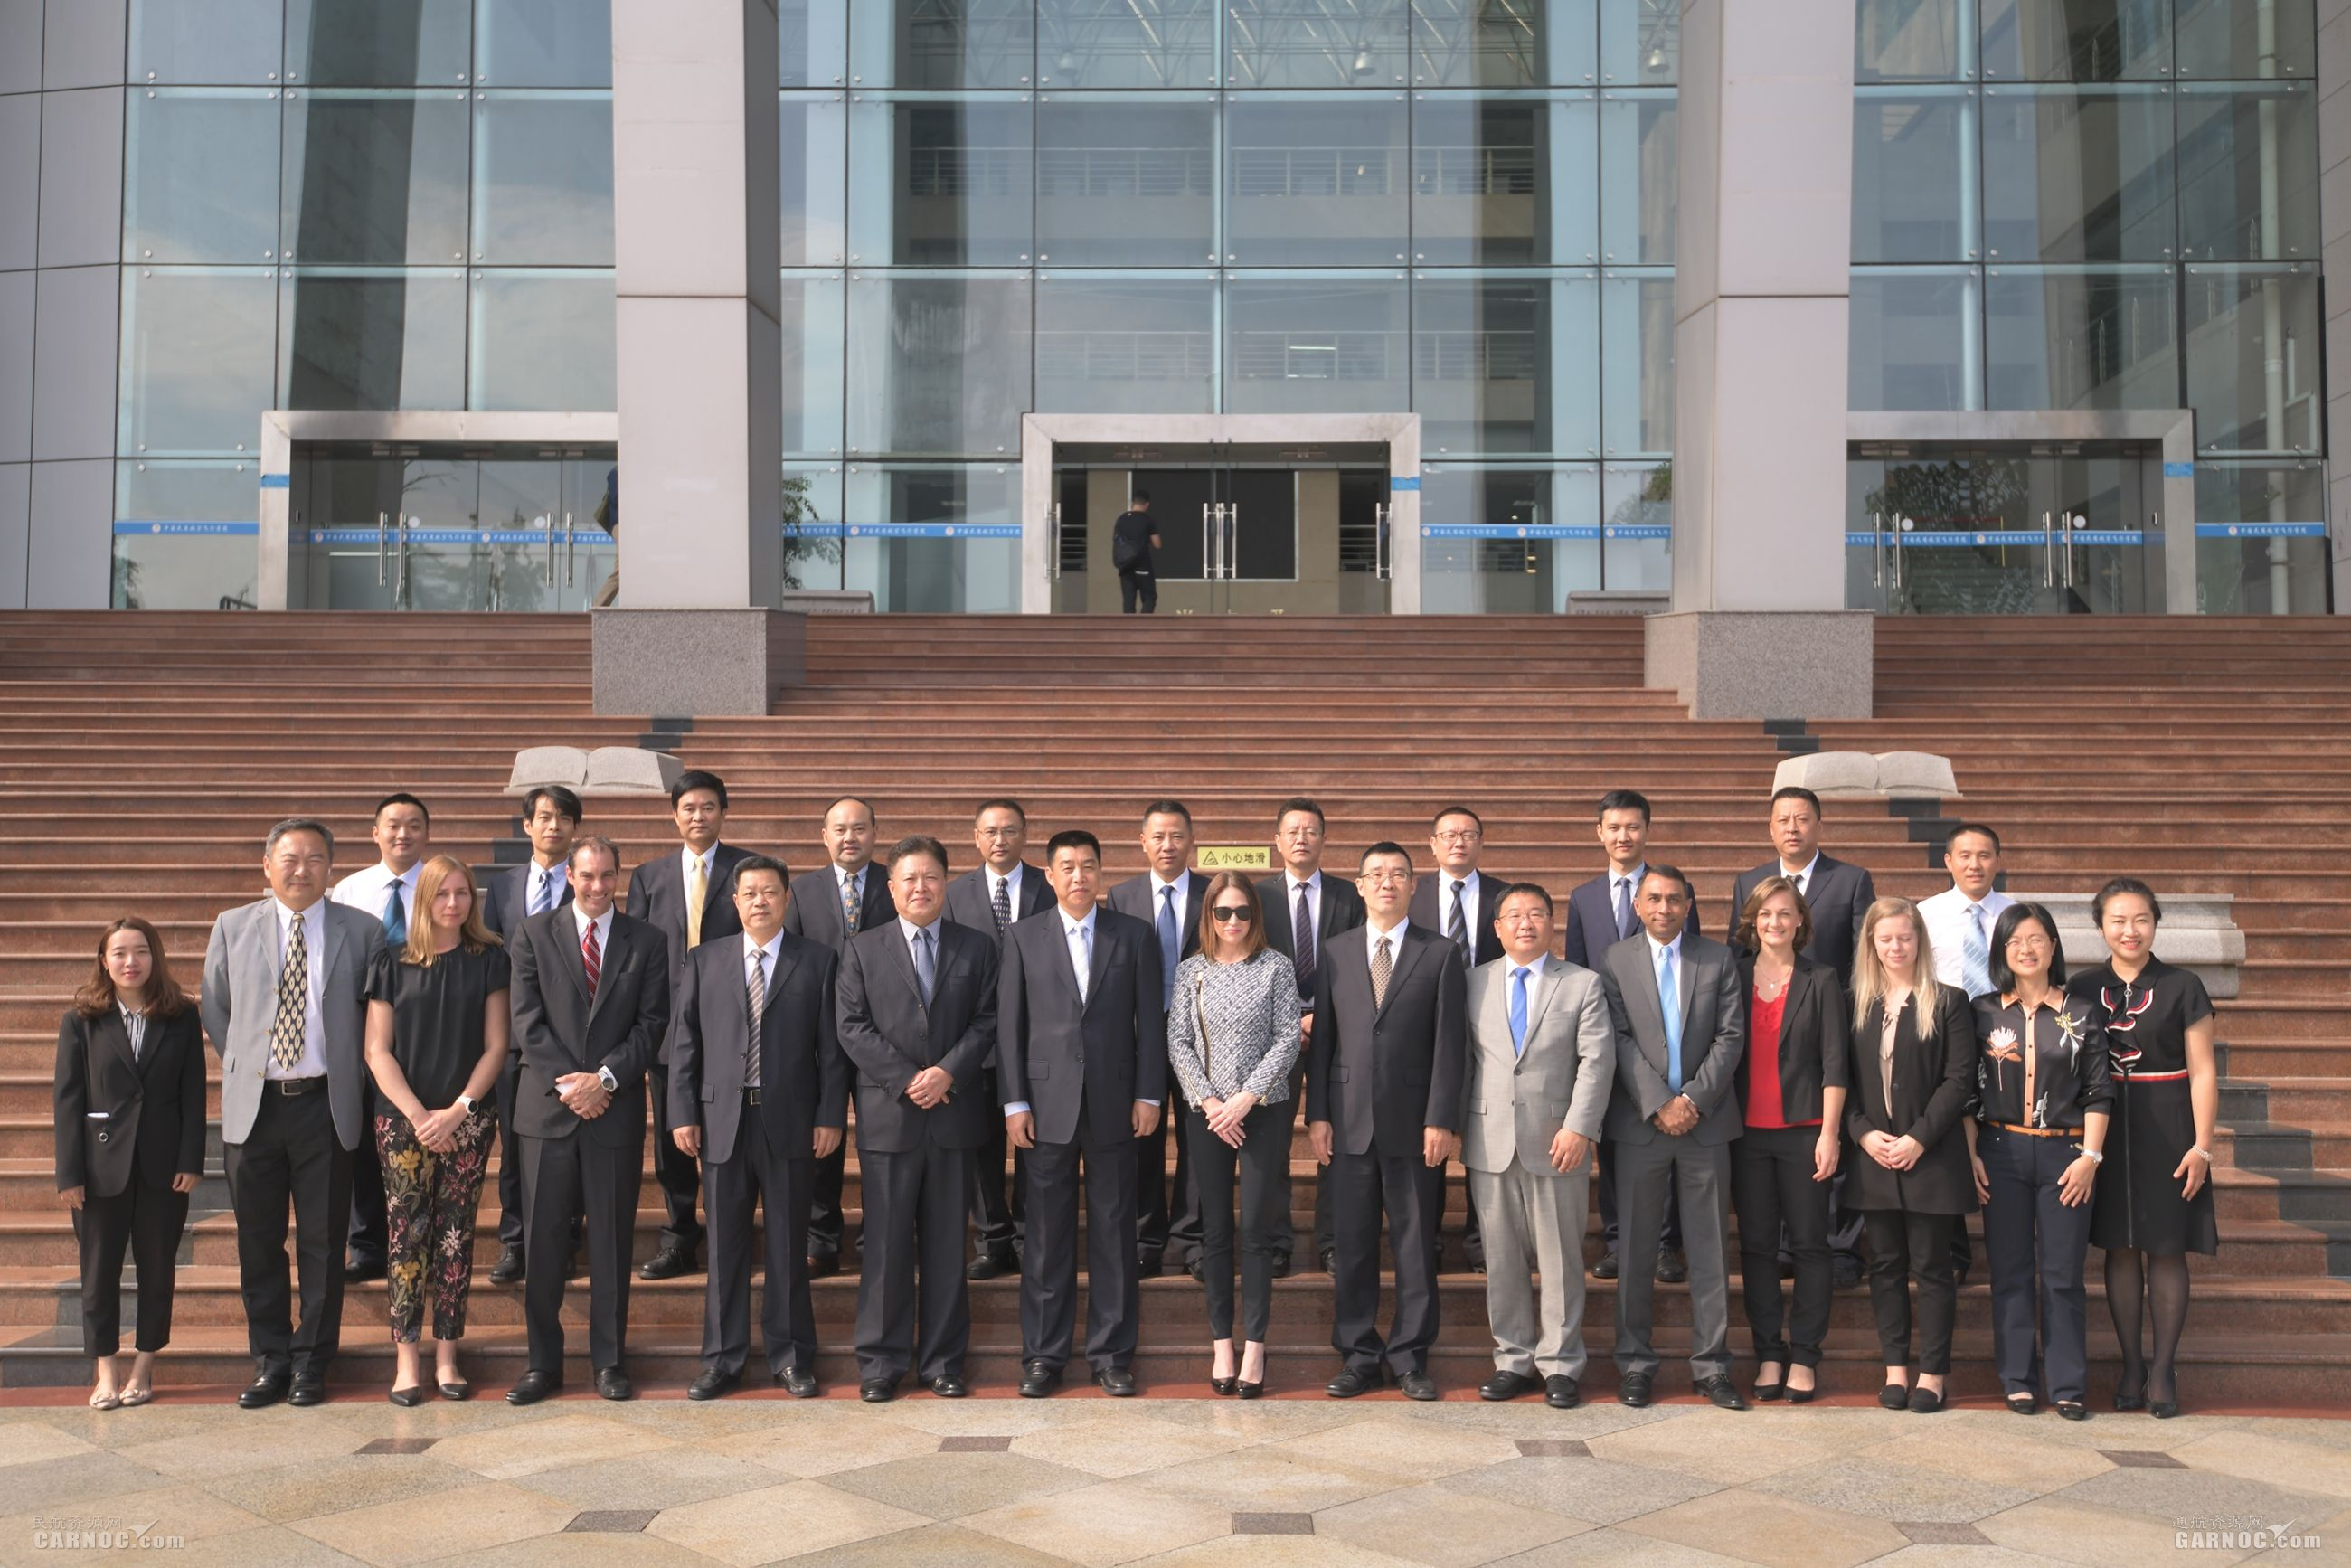 中国民用航空飞行学院订购60架赛斯纳172飞机